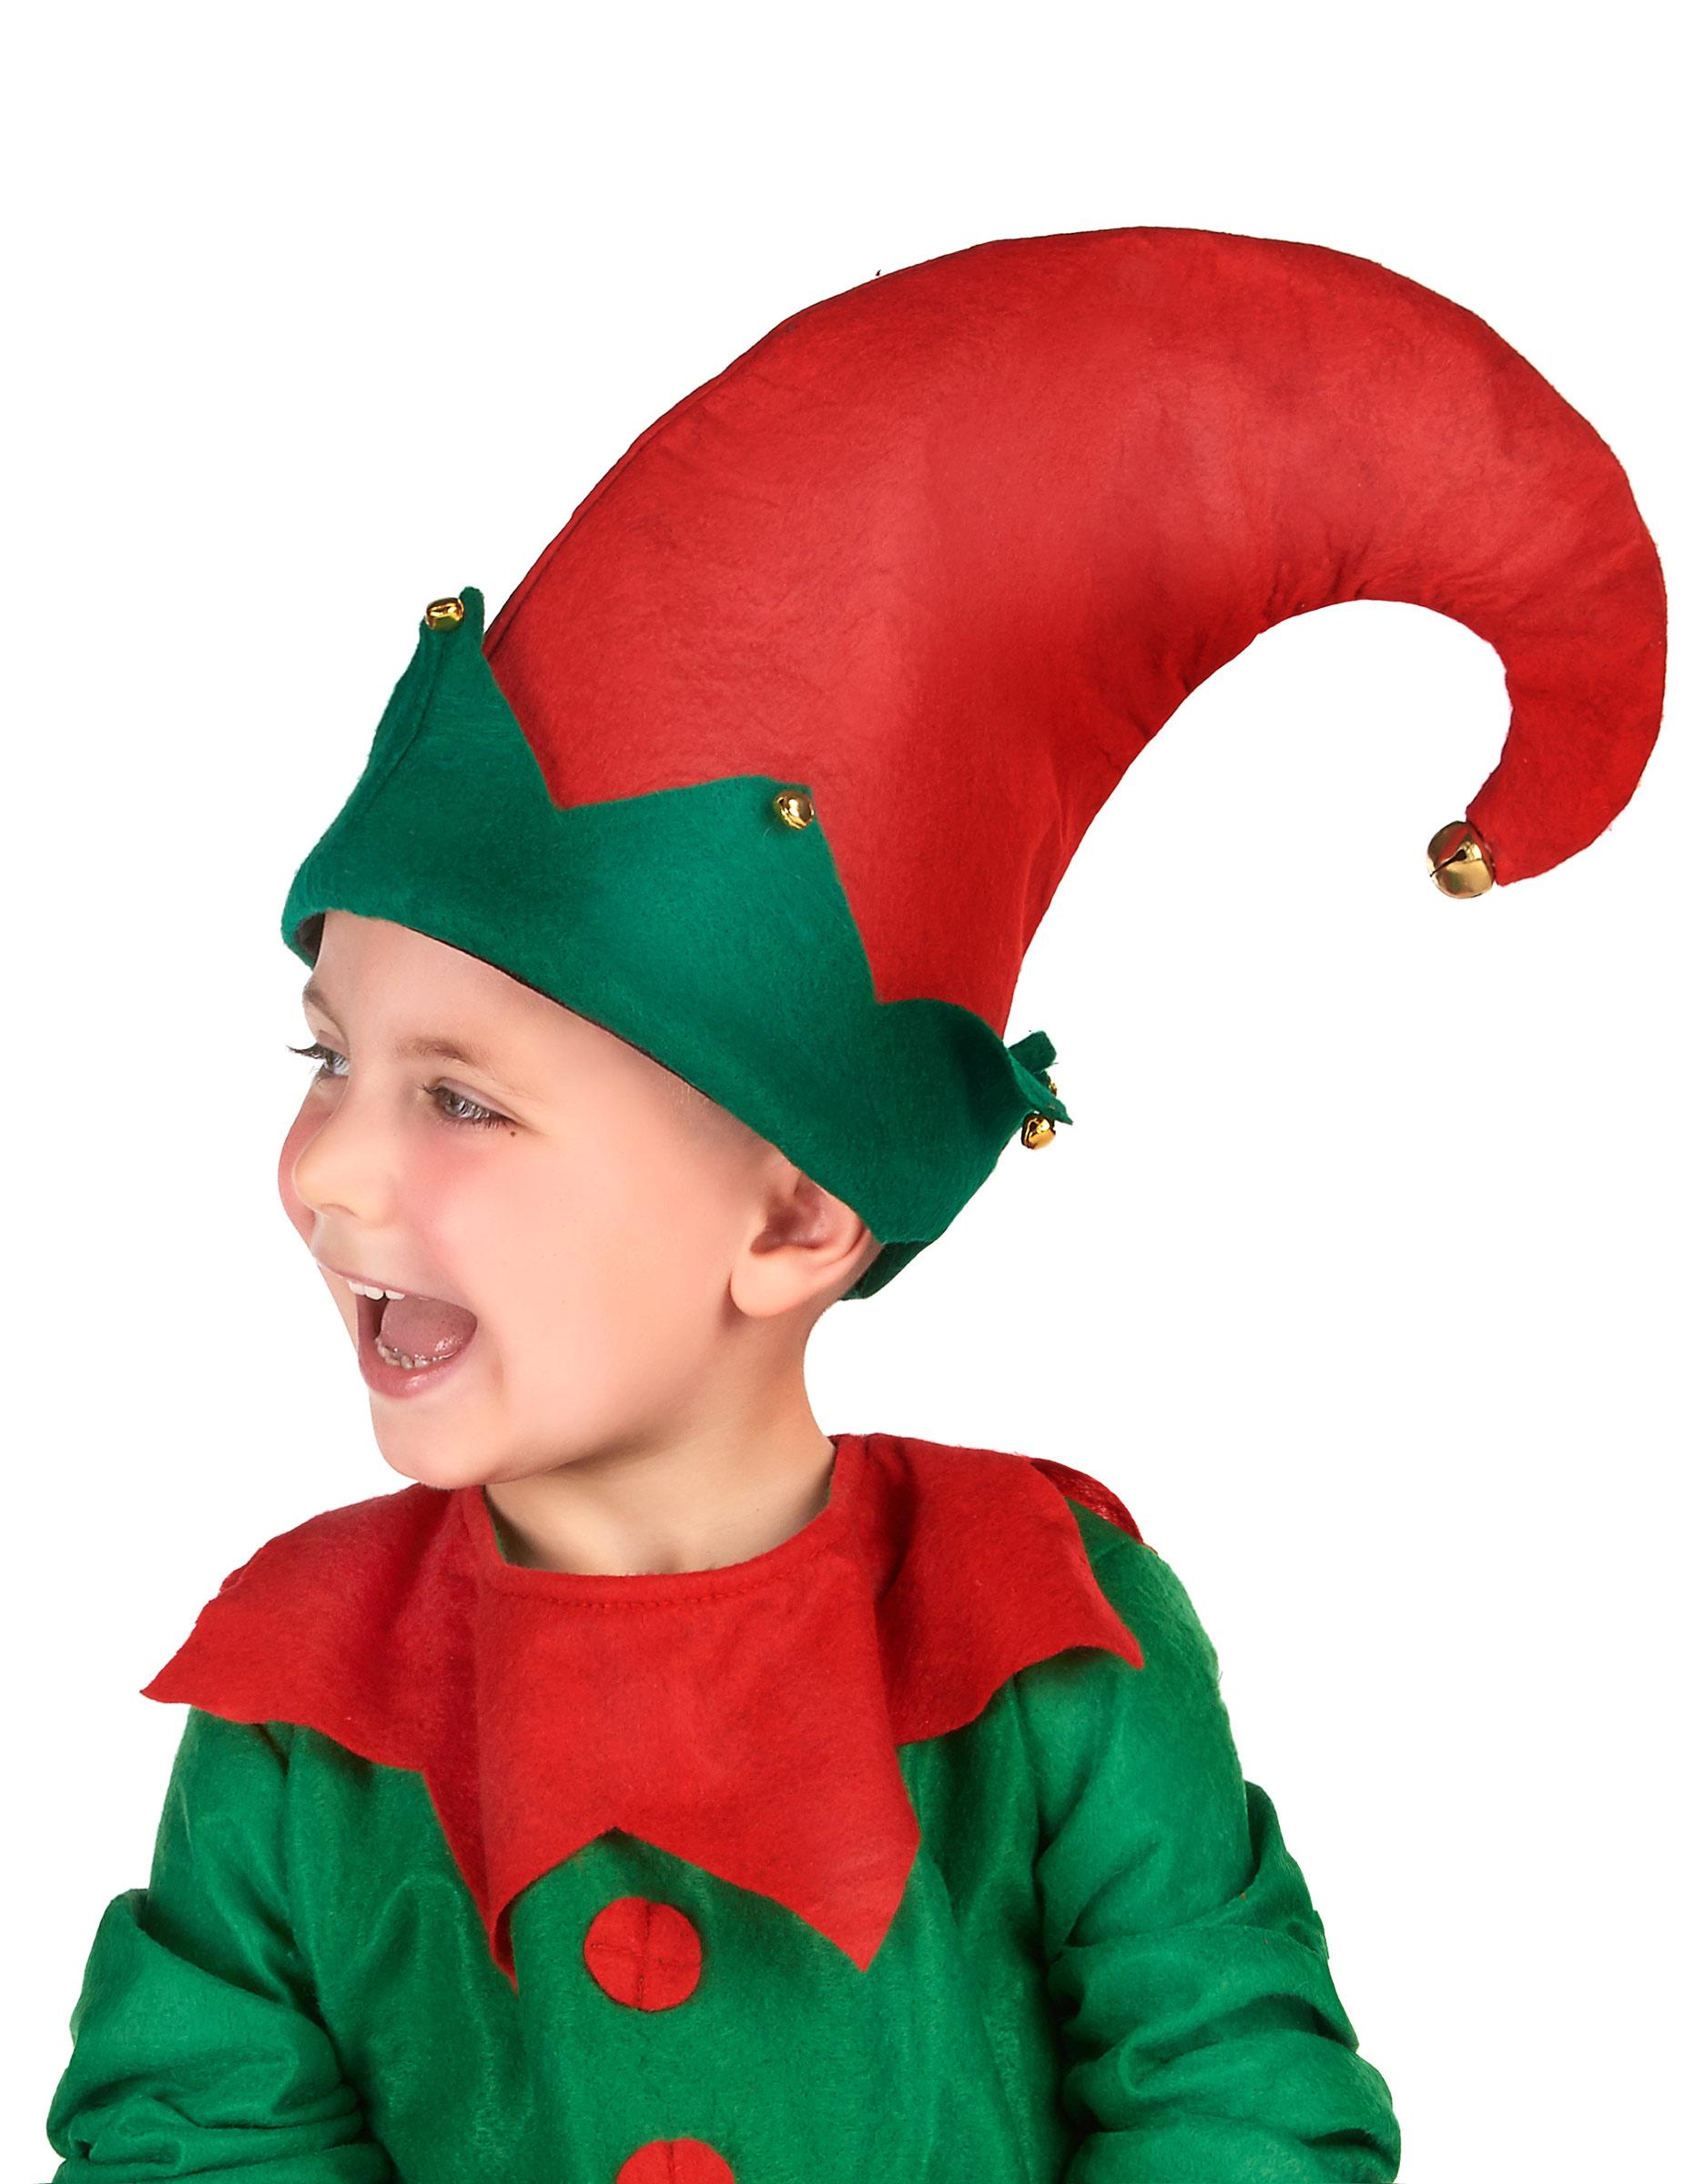 Cappello da elfo di natale per bambino  Cappelli f38e51e98728